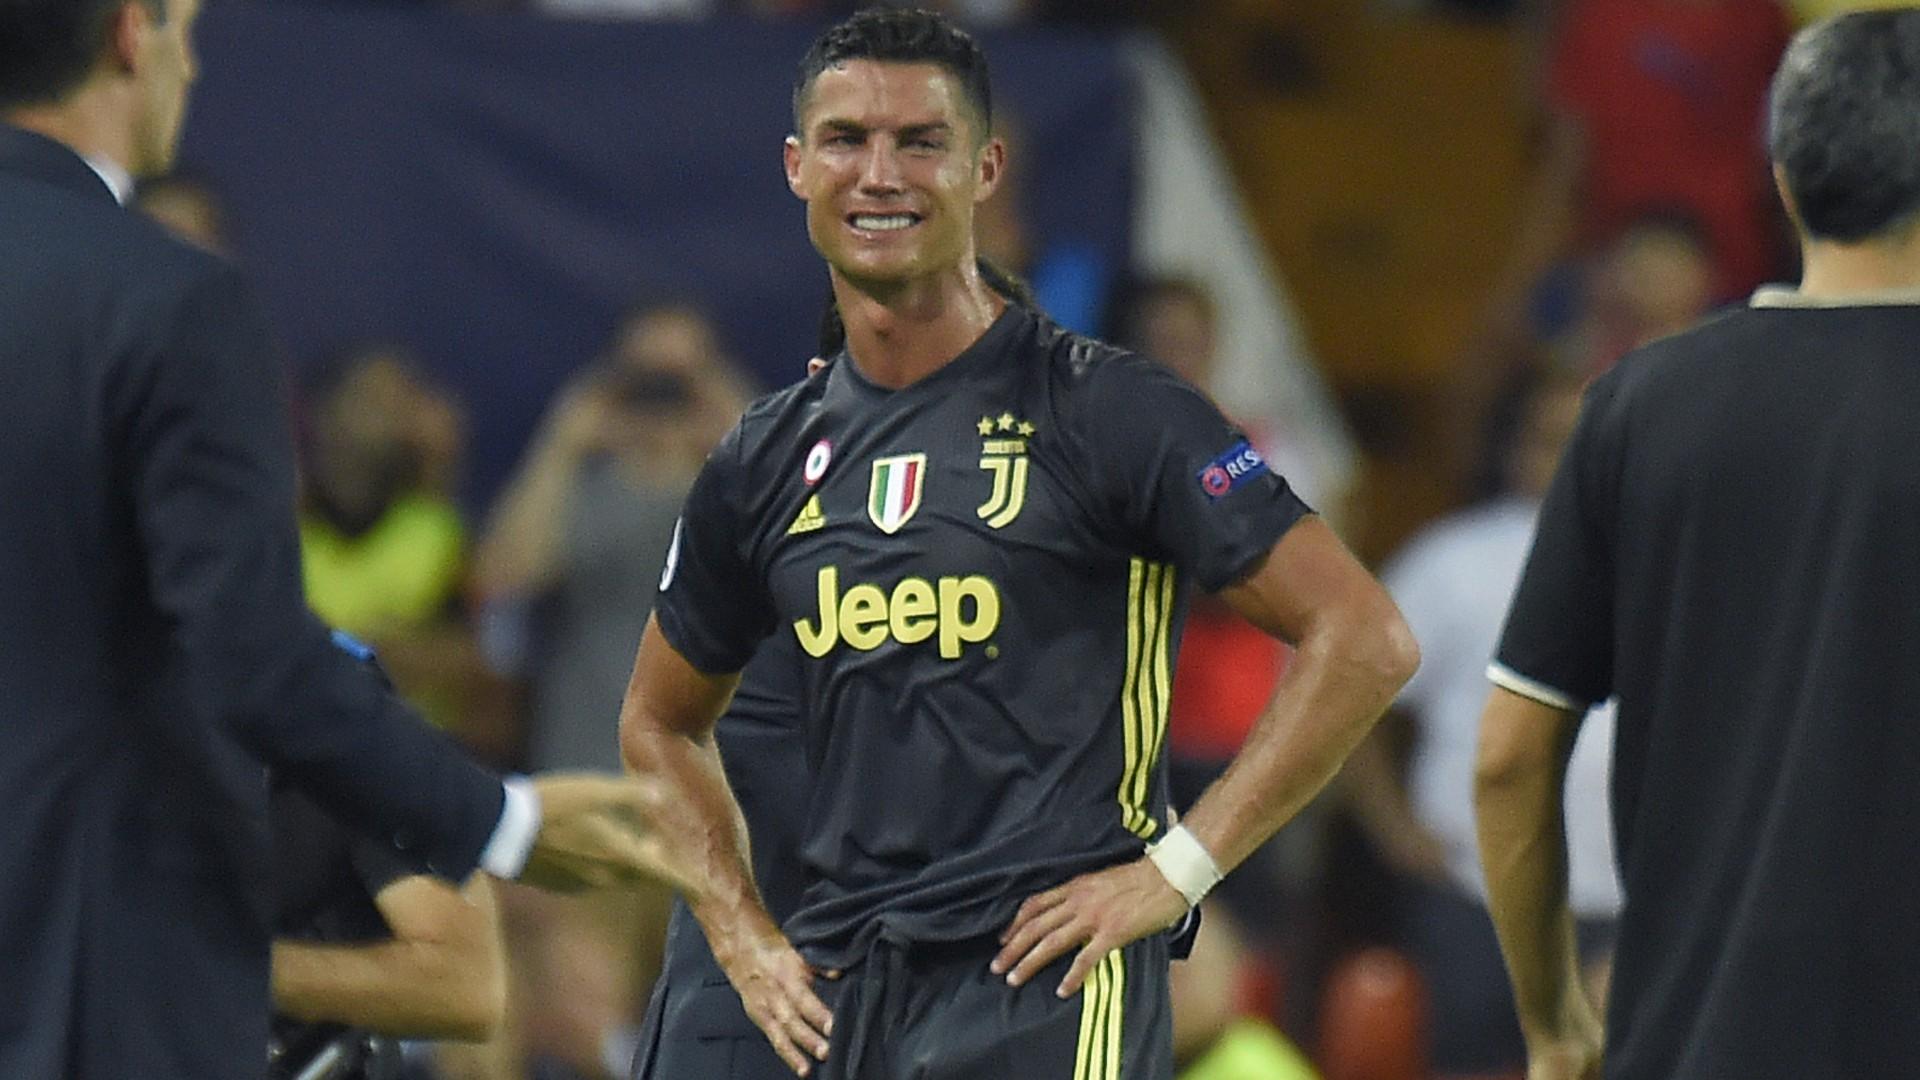 Thống kê khó tin chỉ ra Ronaldo đang đứng trước cơ hội vàng báo thù Valencia - Ảnh 8.